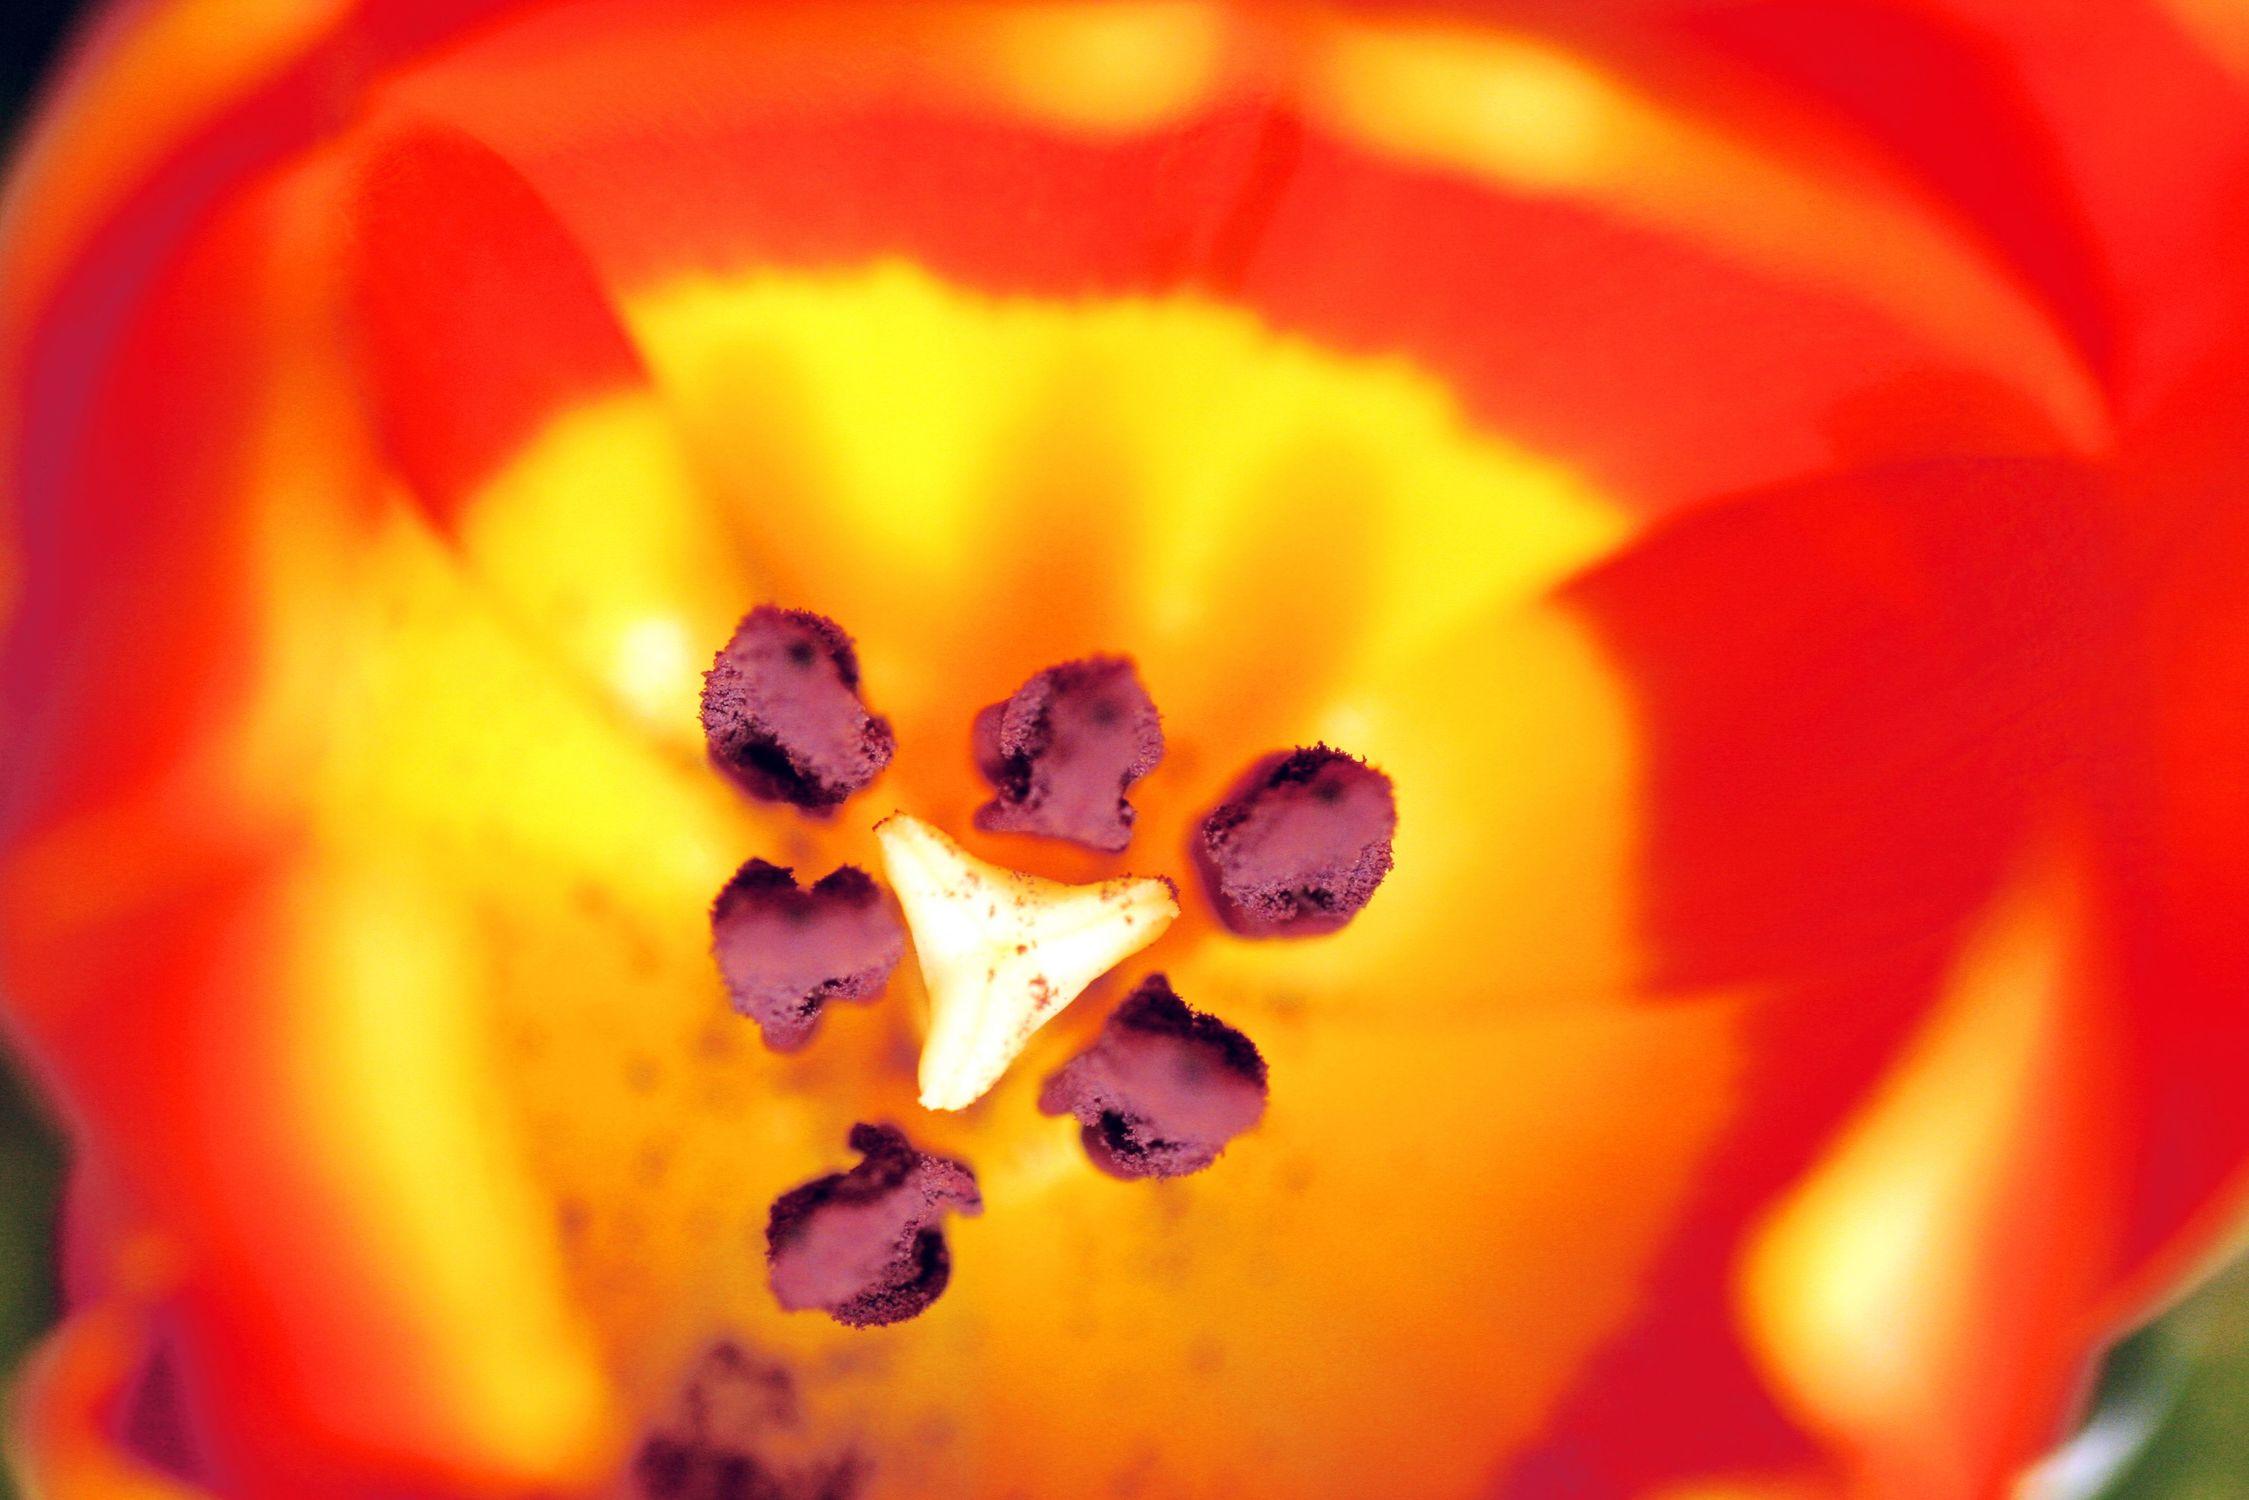 Bild mit Farben, Orange, Gelb, Natur, Pflanzen, Jahreszeiten, Blumen, Blumen, Frühling, Rot, Makrofotografie, Blume, Pflanze, Makro, Tulpe, Tulips, Tulpen, Tulipa, Flower, Flowers, Tulip, red, rote Tulpe, rote Tulpen, red tulip, red tulips